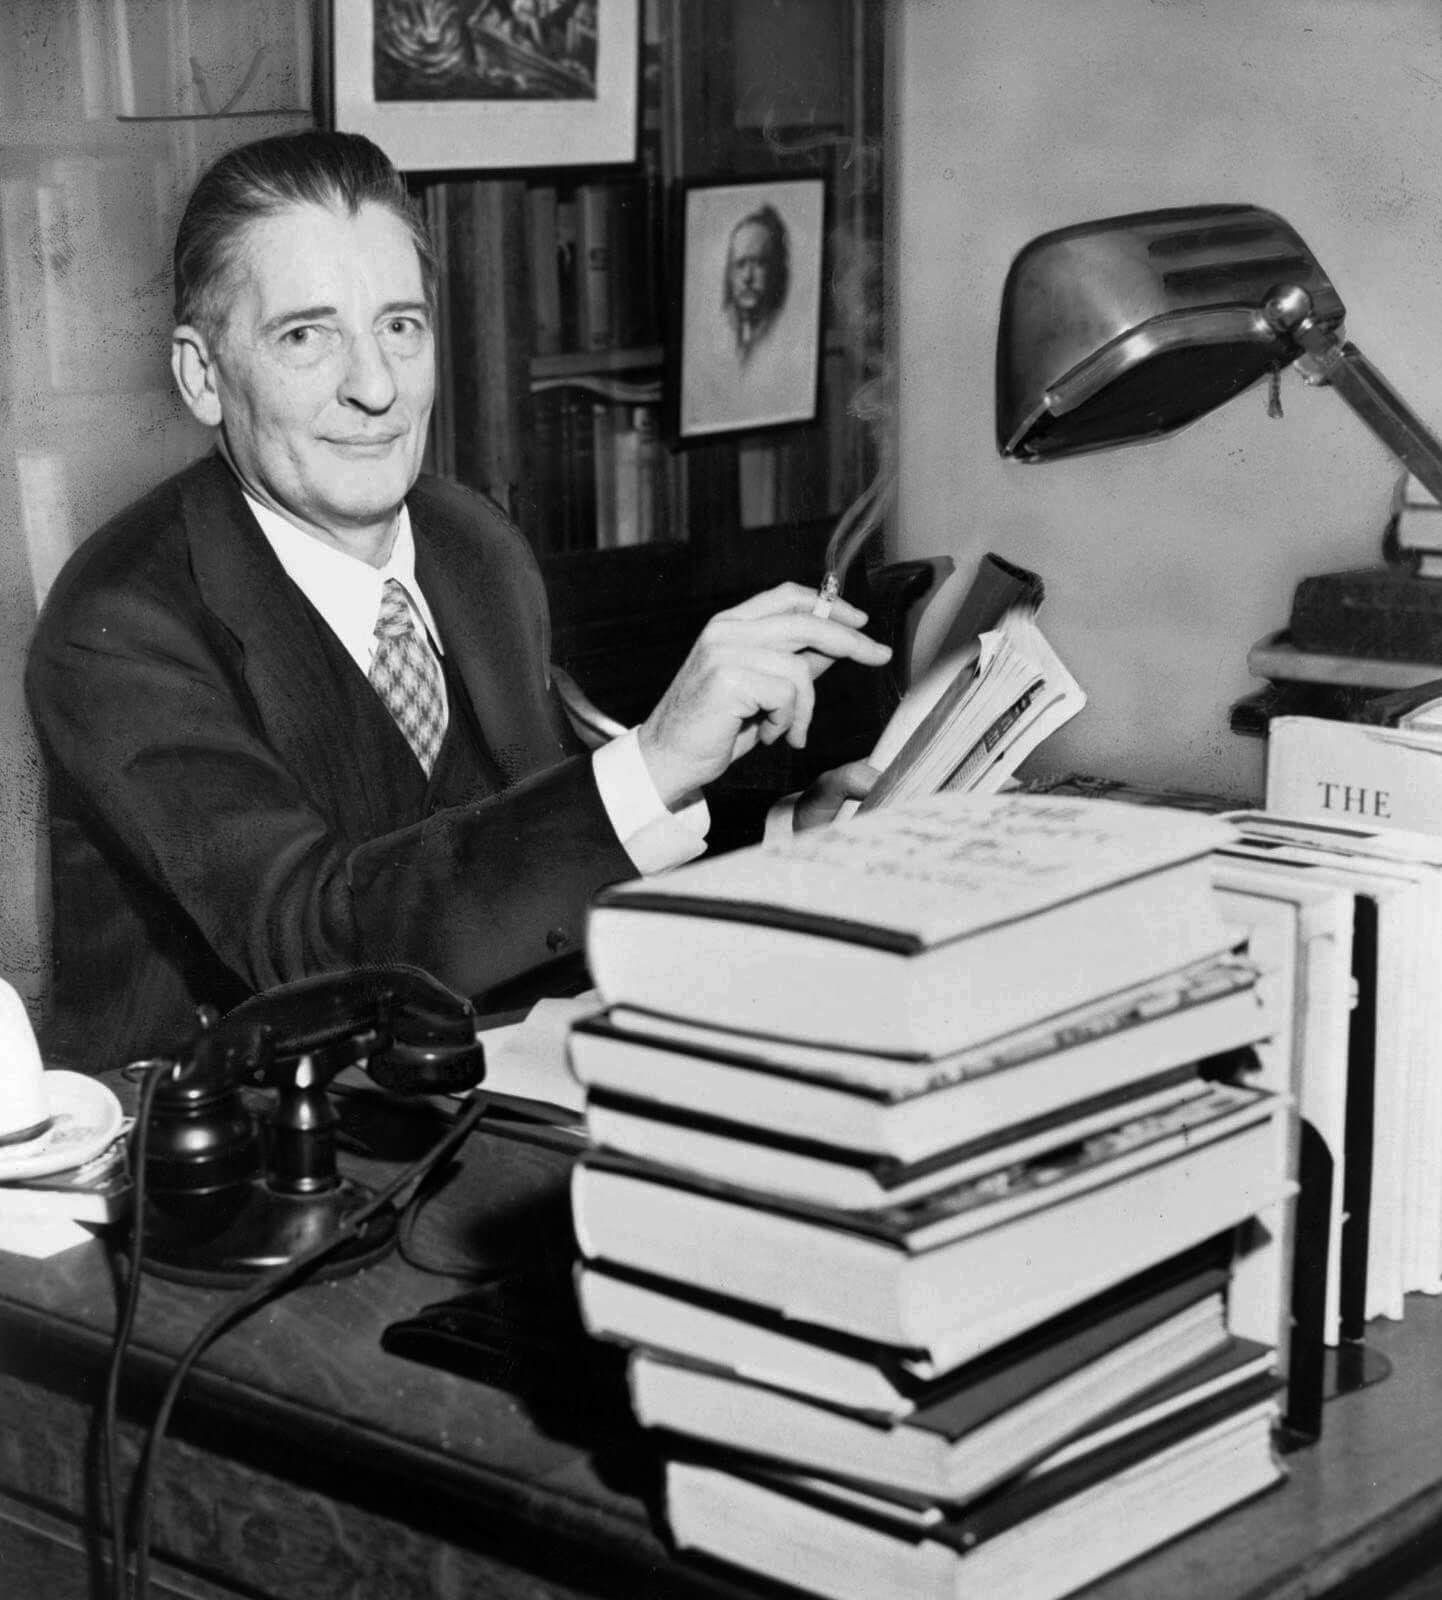 Максвелл Перкинс — влиятельный американский редактор, открывший многих выдающихся писателей первой половины XXвека. Источник: britannica.com